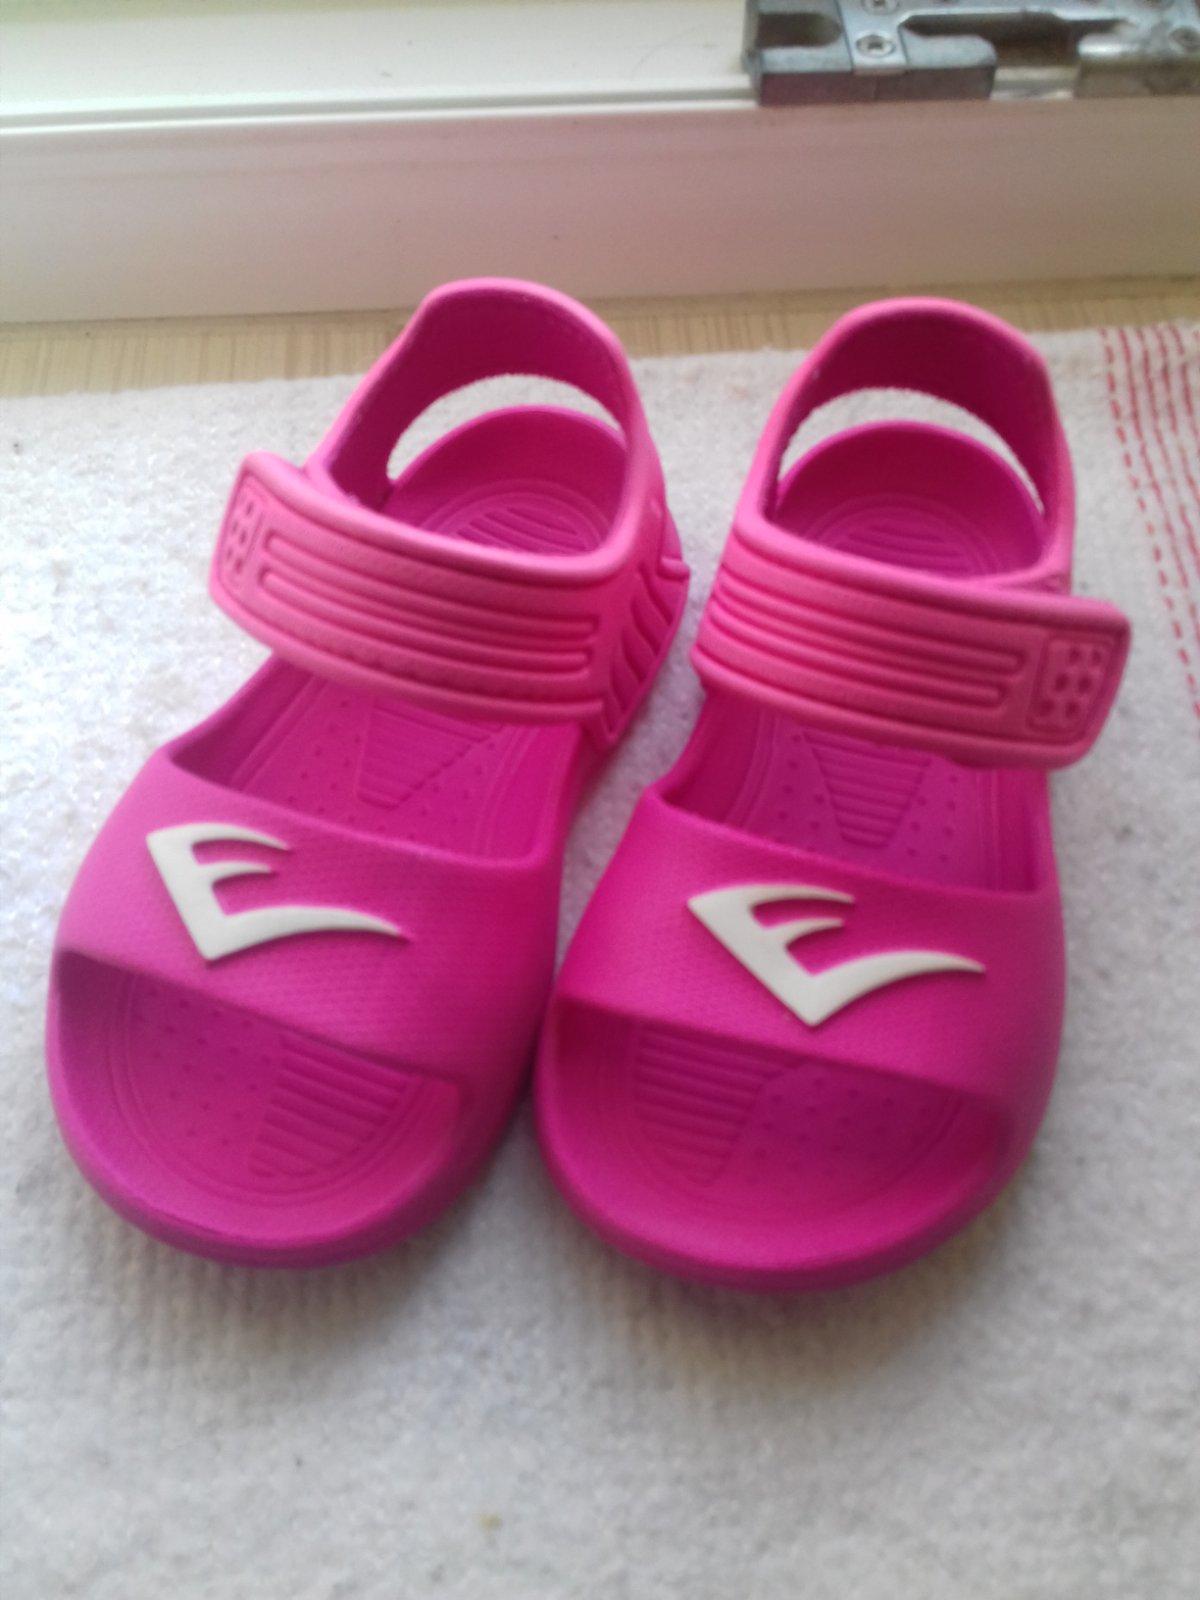 ce35d58dbe41 Gumene sandalky